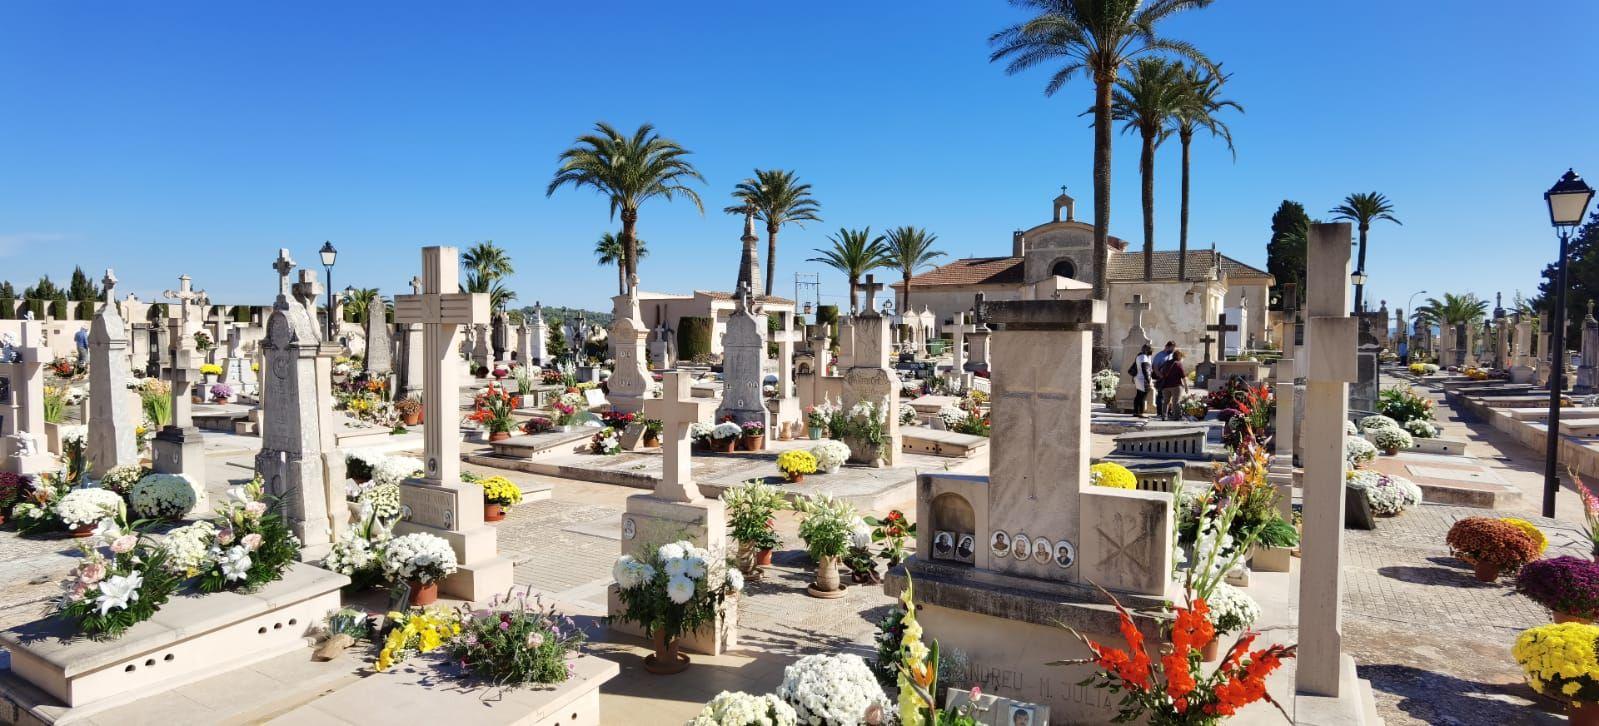 El cementerio de Porreres